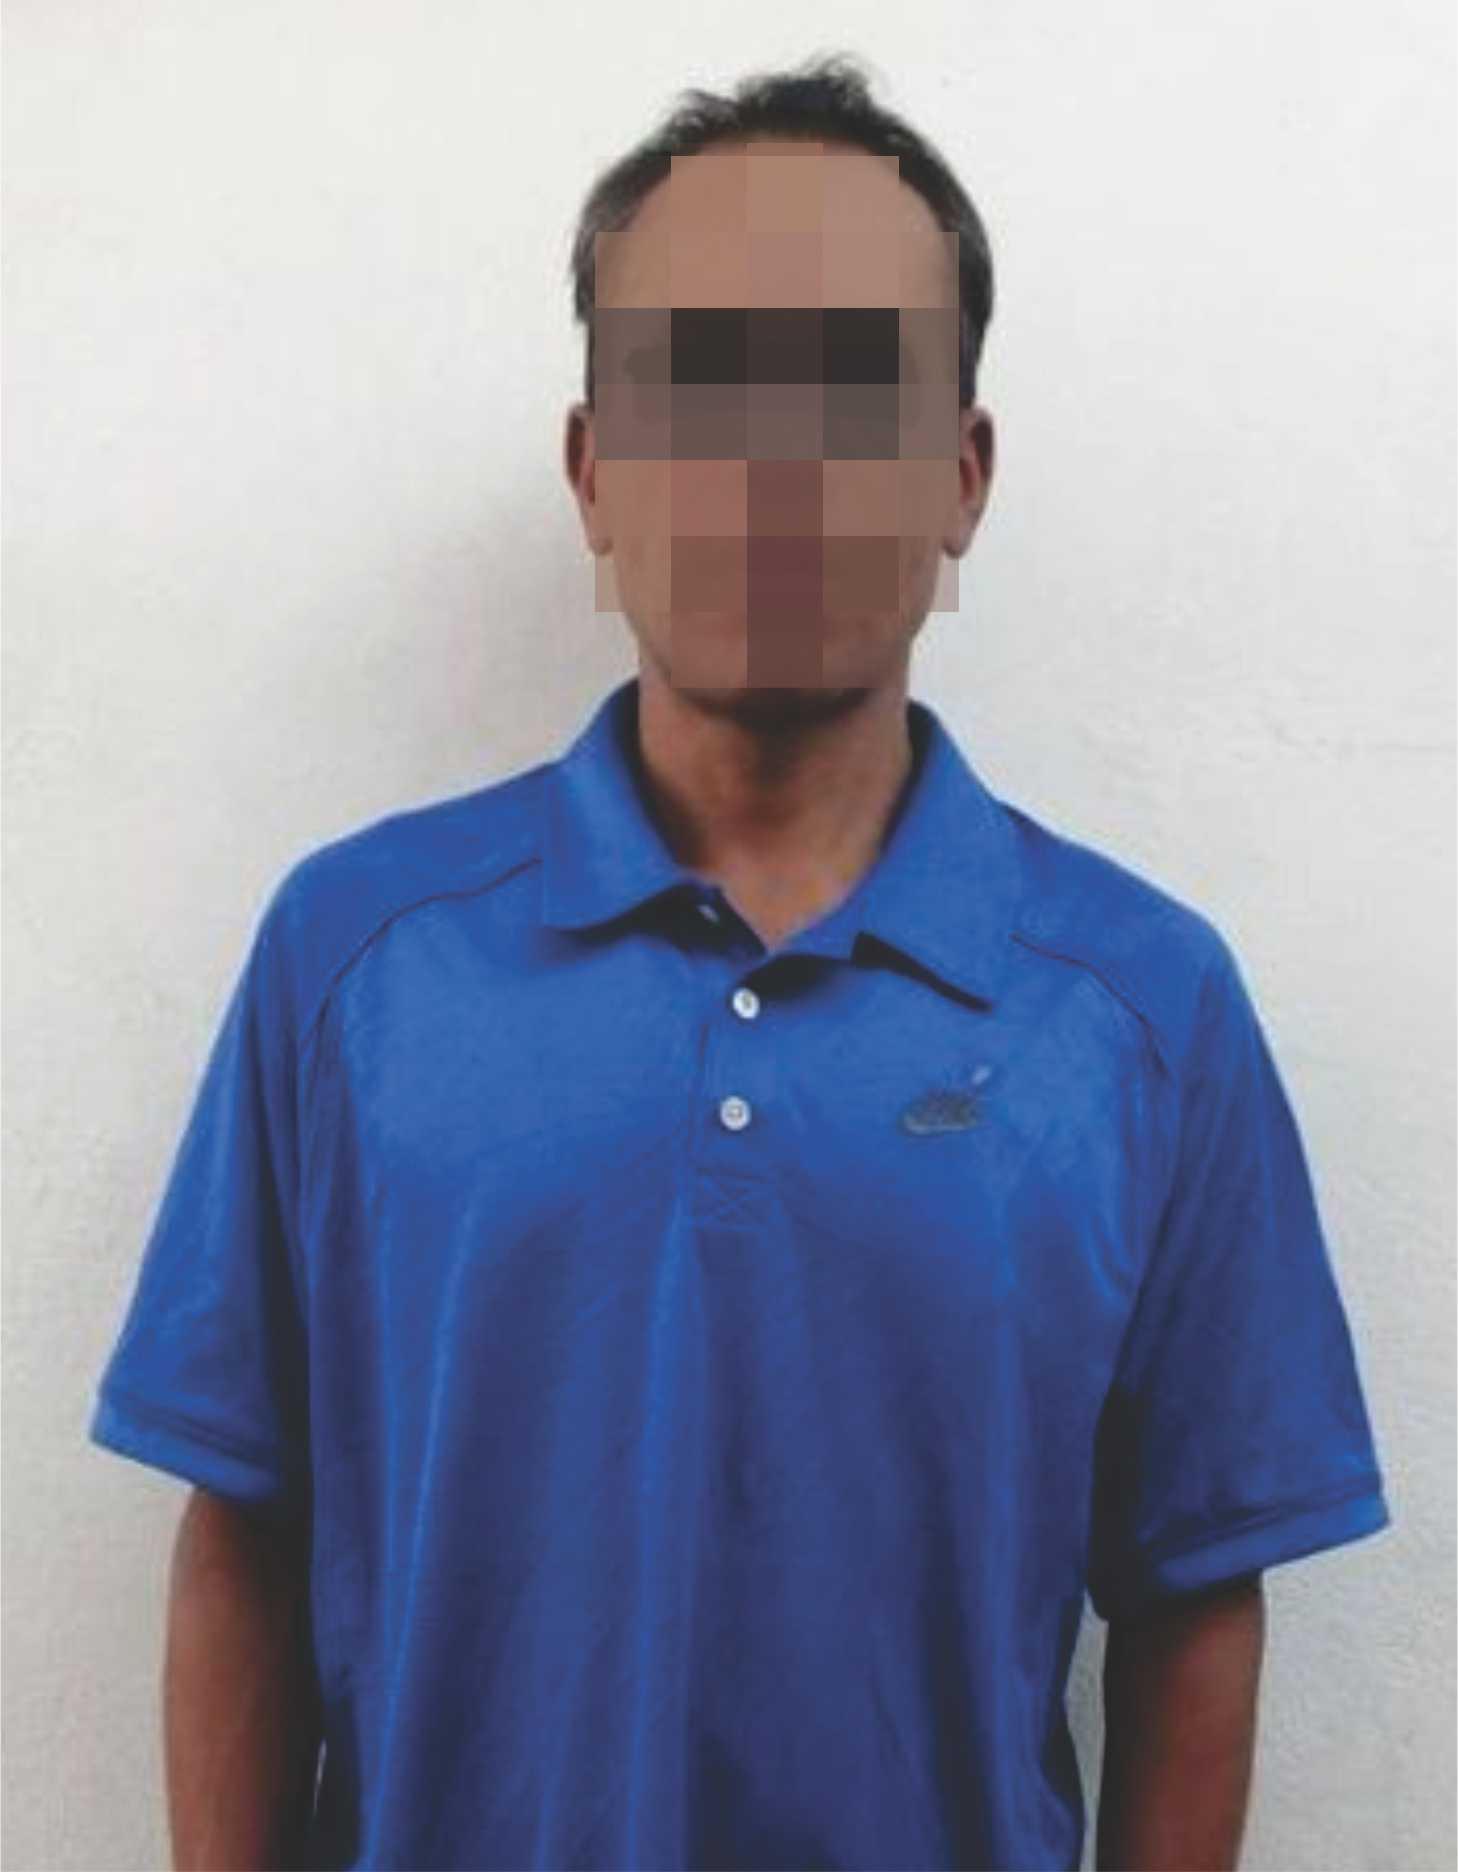 La SSC detiene a una persona por el probable delito de privación ilegal de la libertad en Chiautempan